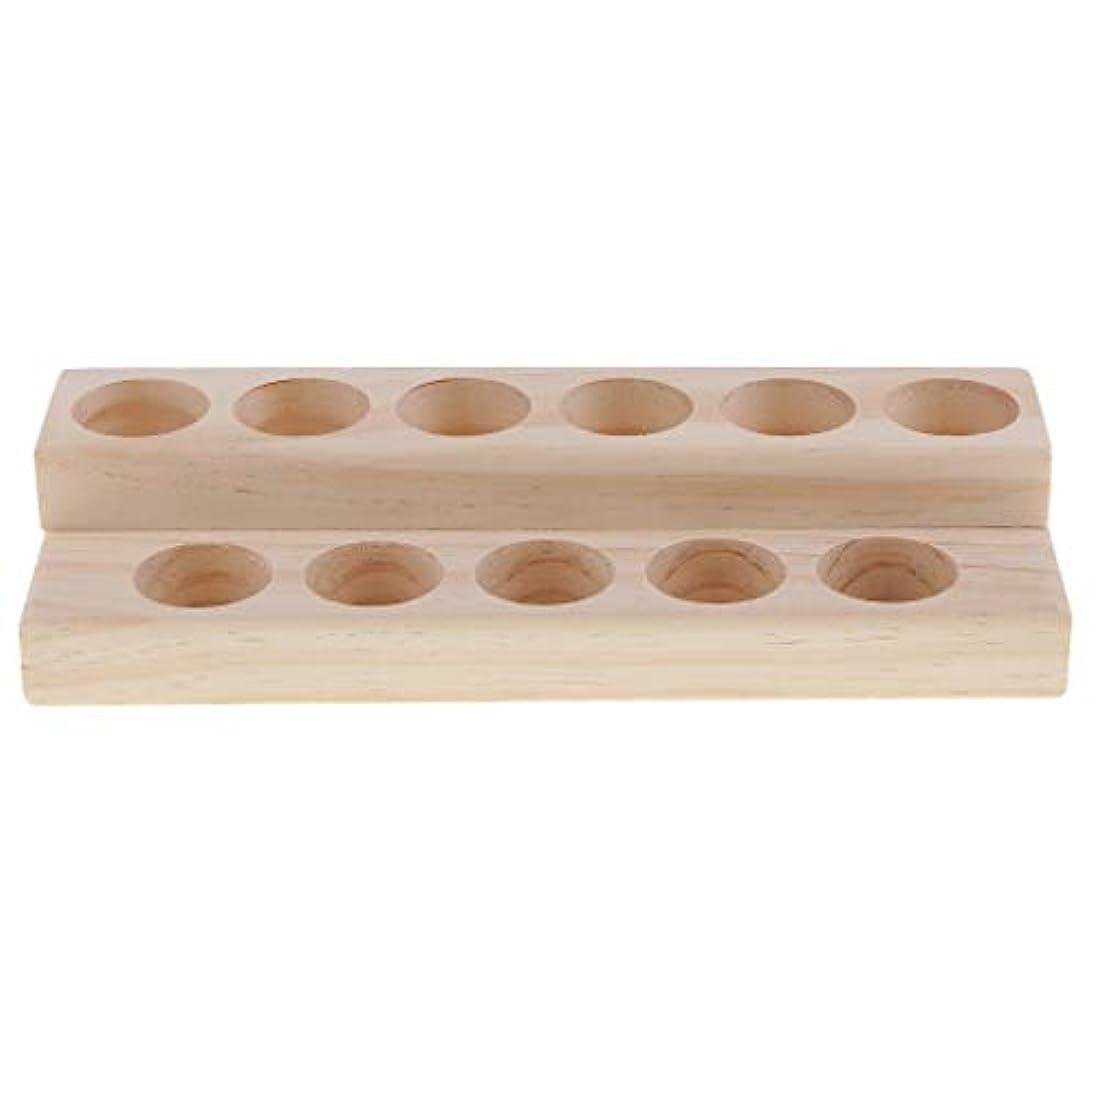 ワーム証明ファントム木製 エッセンシャルオイル 展示ラック 精油 オルガナイザー 陳列台 アクセサリー 2層